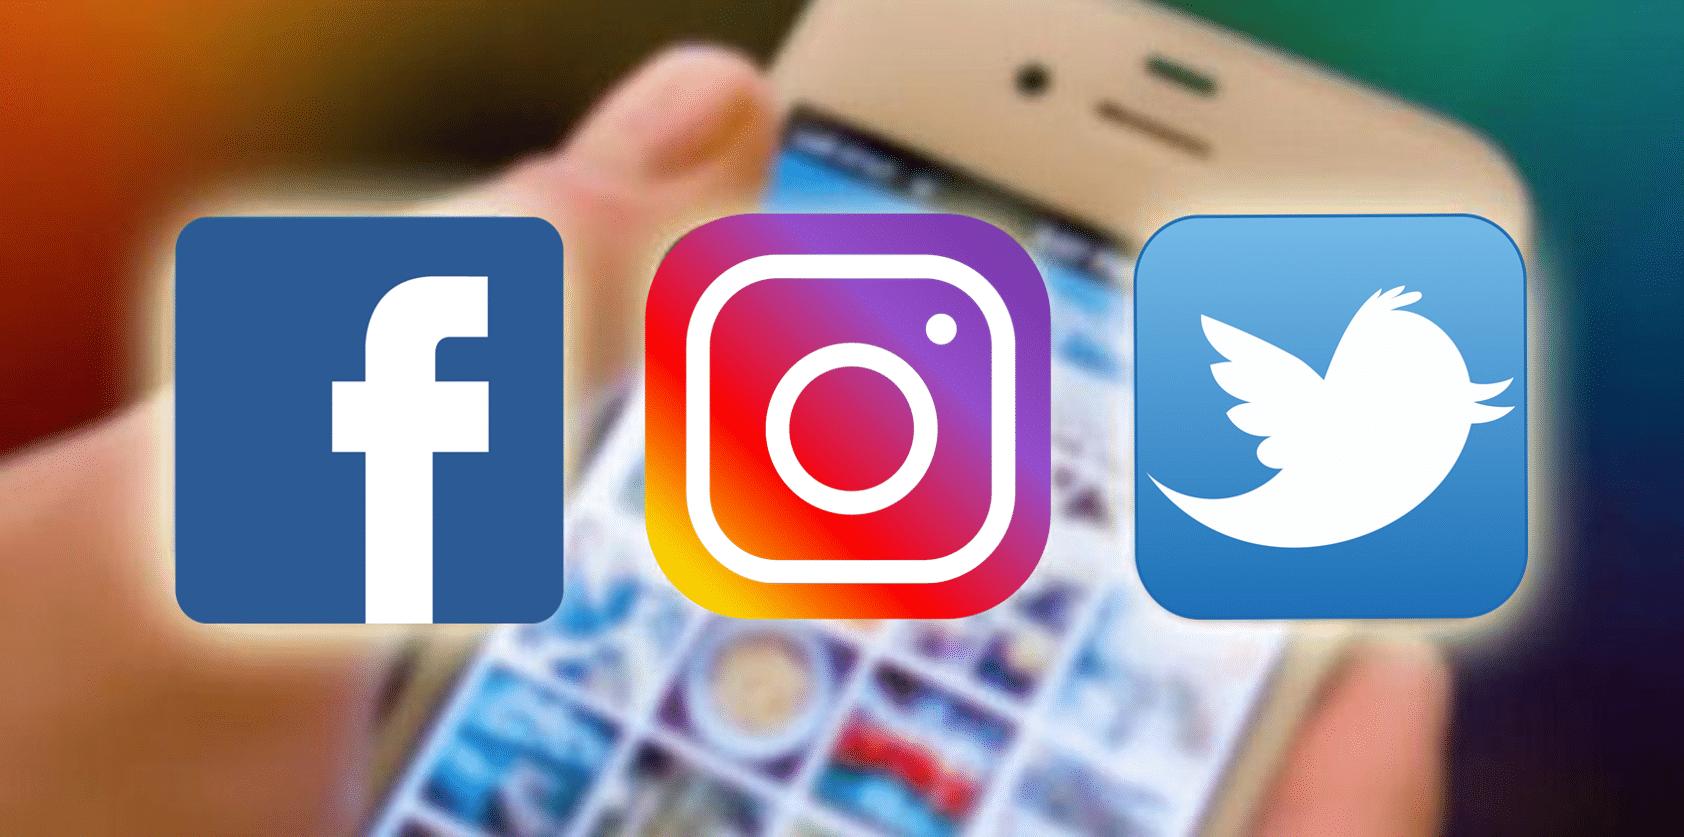 aumentar las ventas del restaurante utilizando las redes sociales